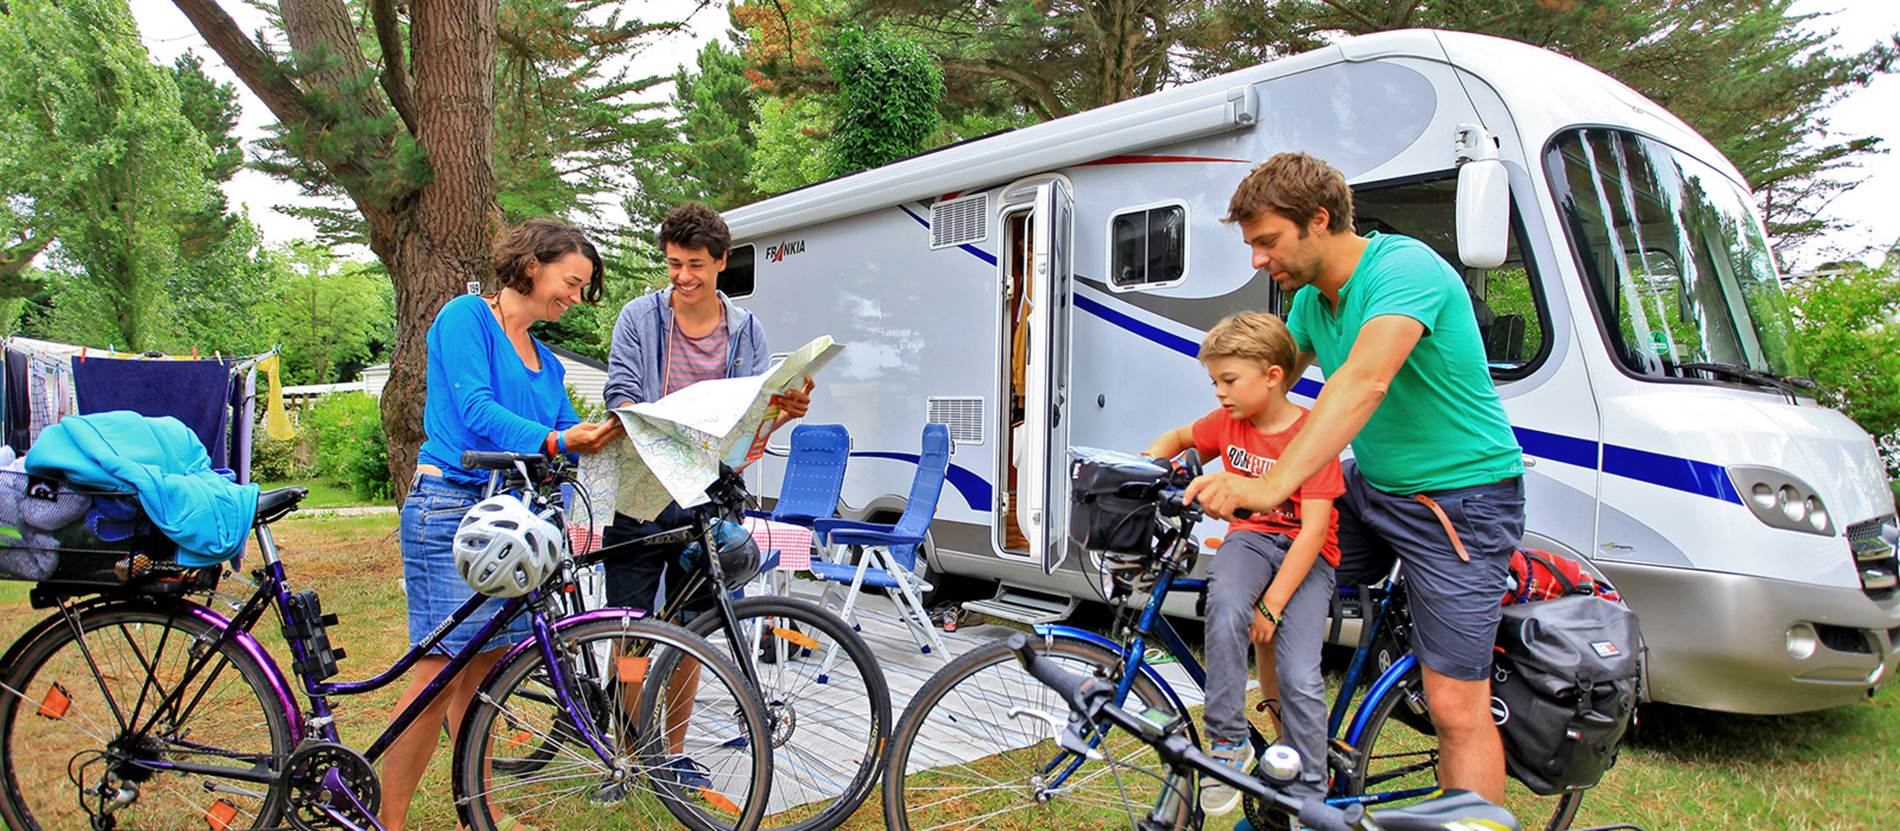 Camping-Manoir-de-Ker-An-Poul-Sarzeau-Golfe-du-Morbihan-Bretagne sud © Camping Manoir de Ker An Poul